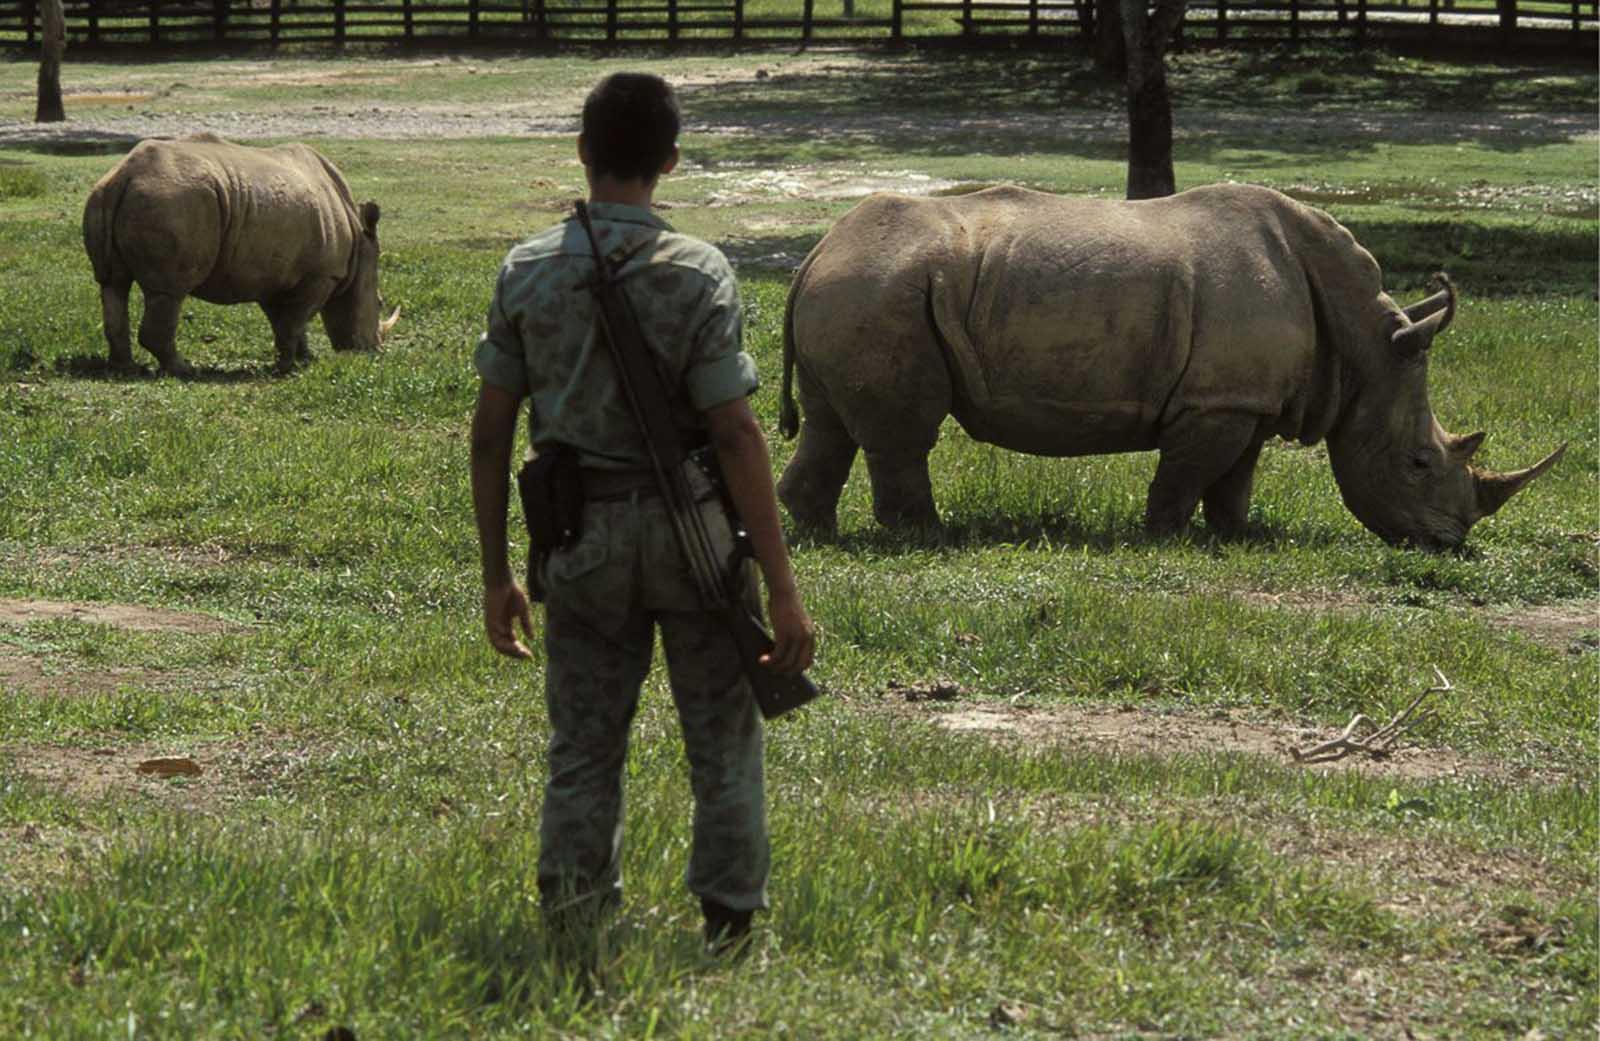 Un soldado observa un par de rinocerontes cautivos en la hacienda.